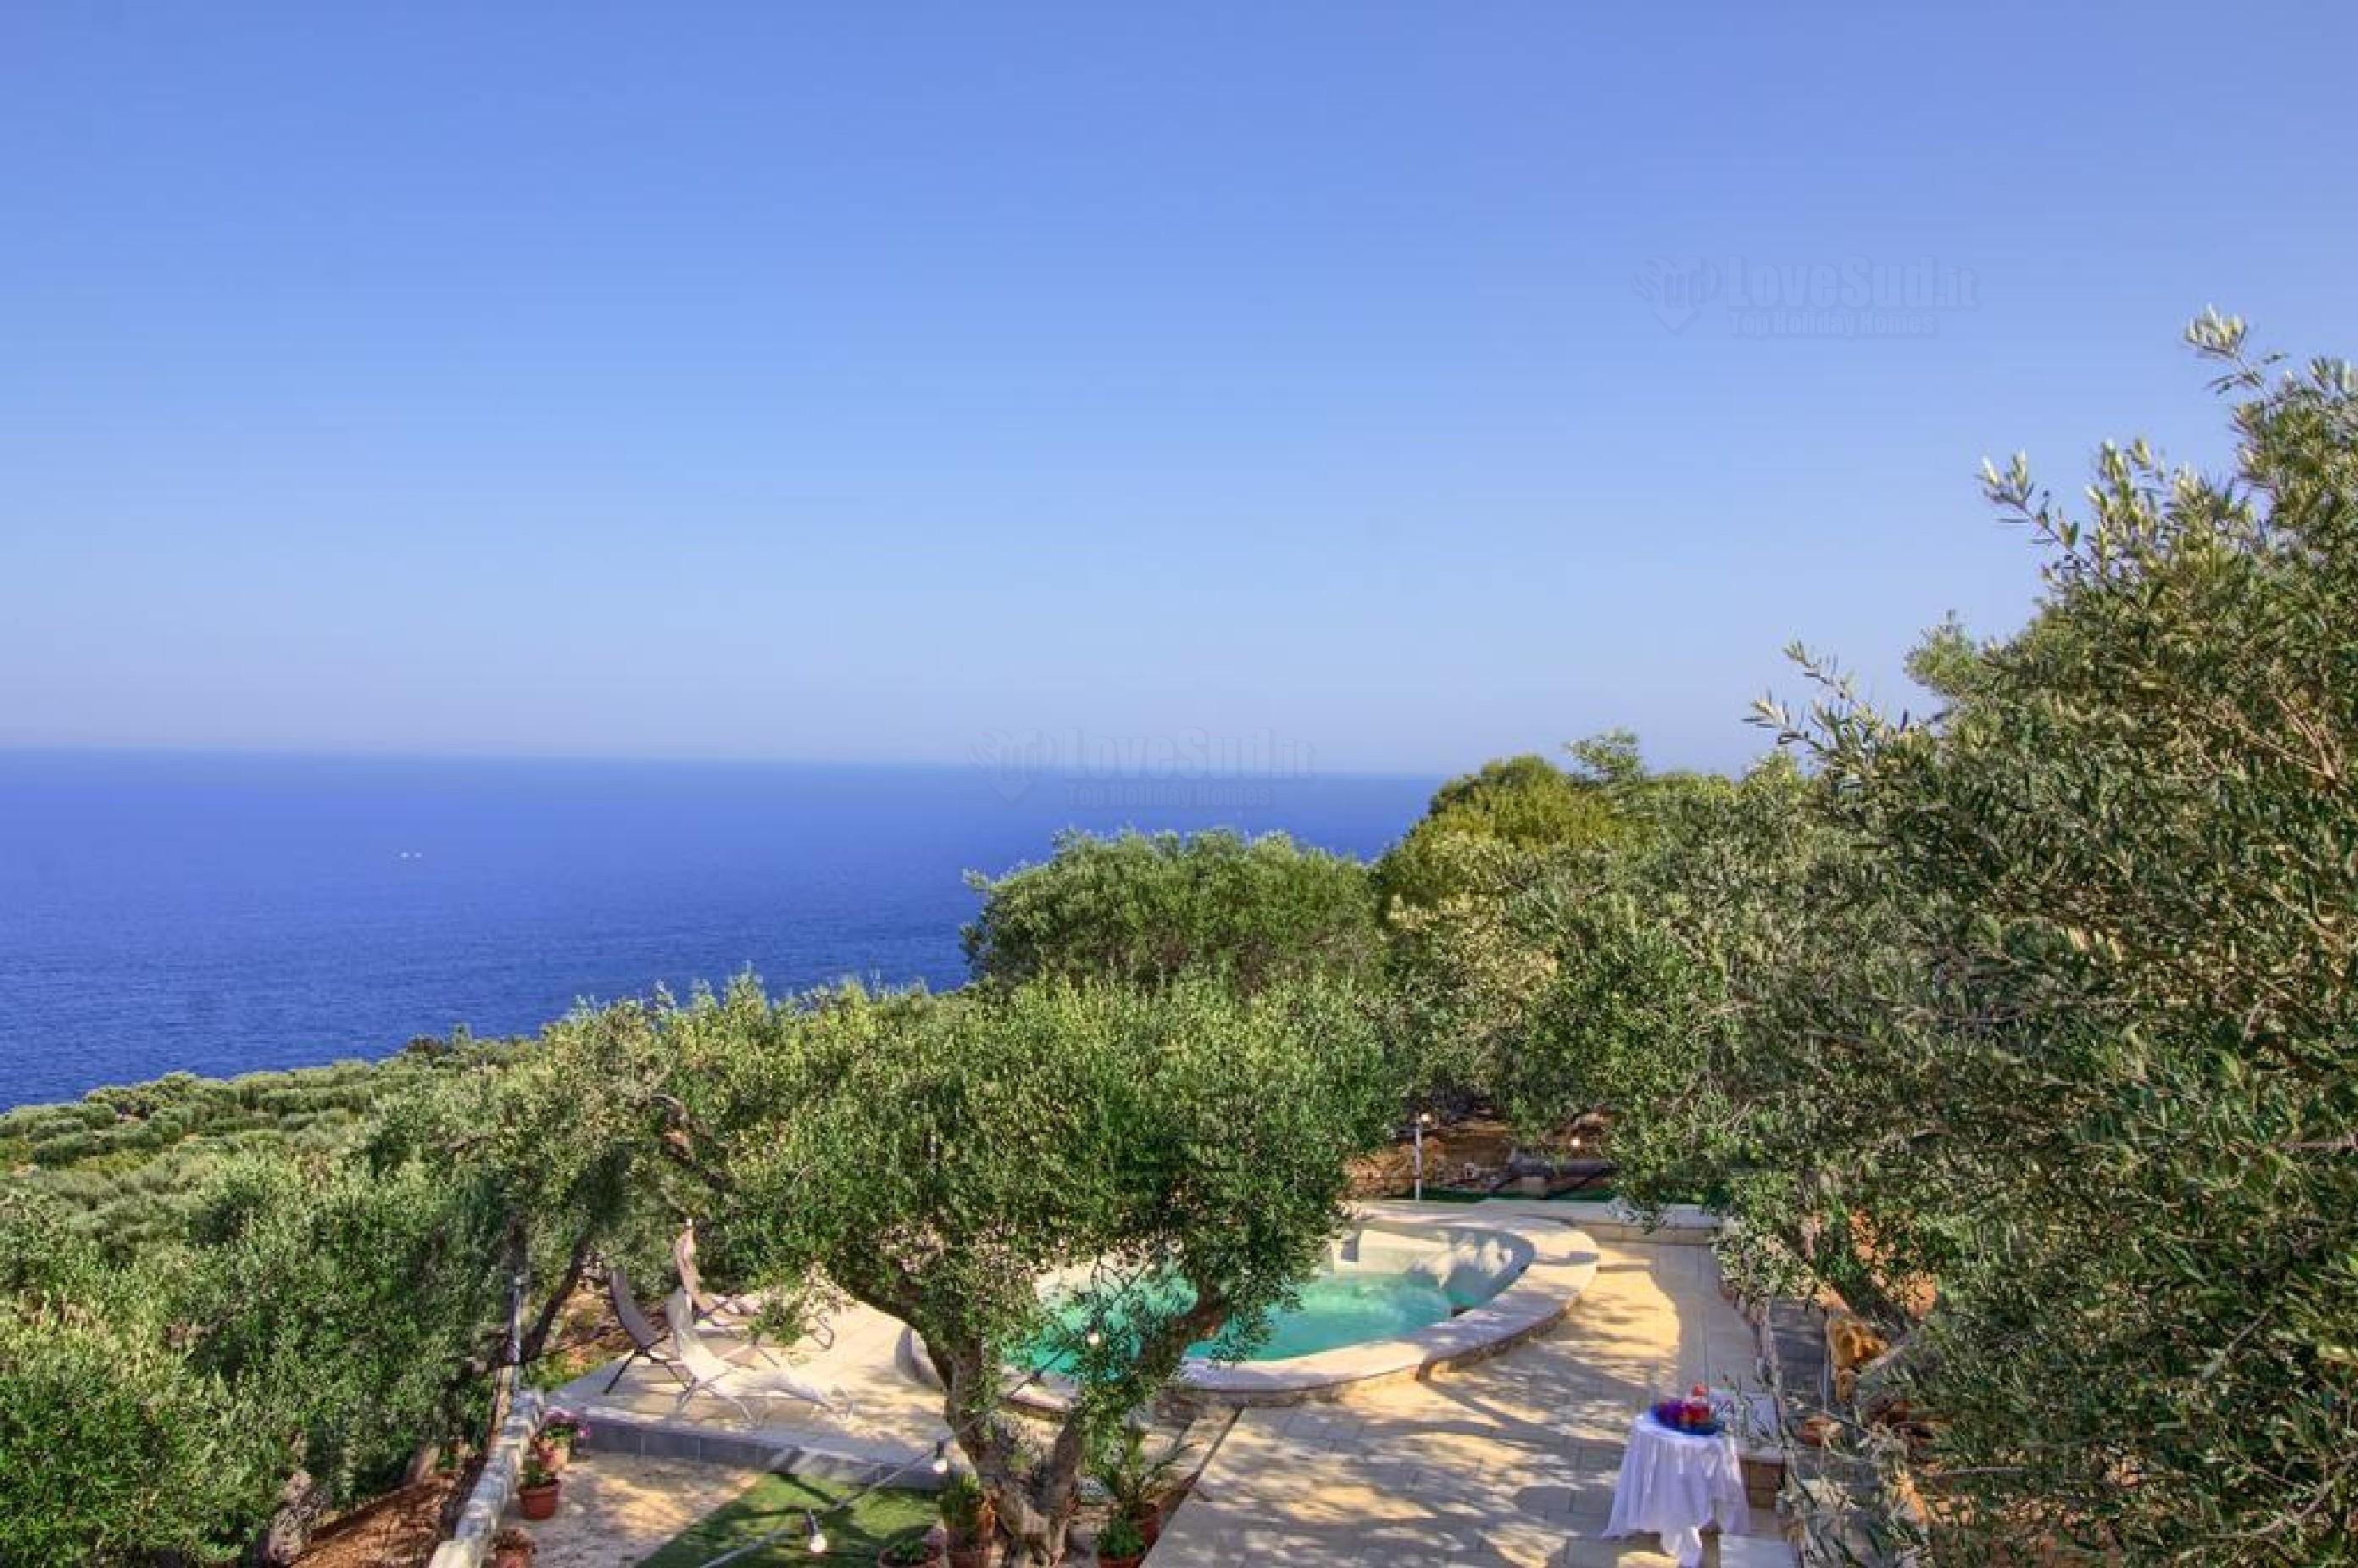 Apartment Albachiara pool house photo 20264054